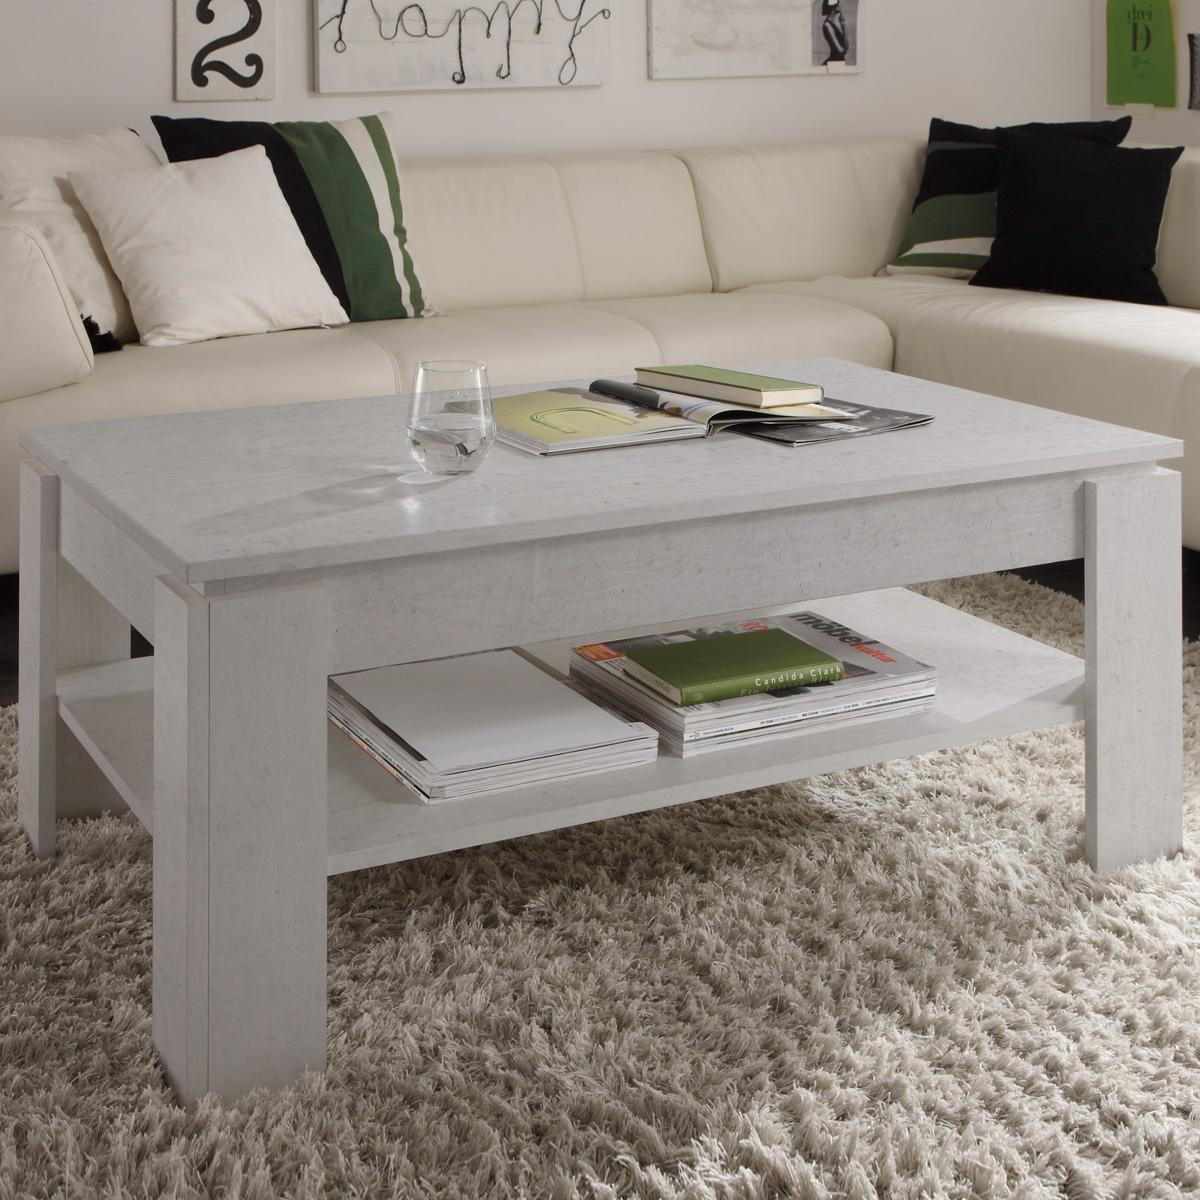 Couchtisch Universal mit Ablage Wohnzimmer Tisch